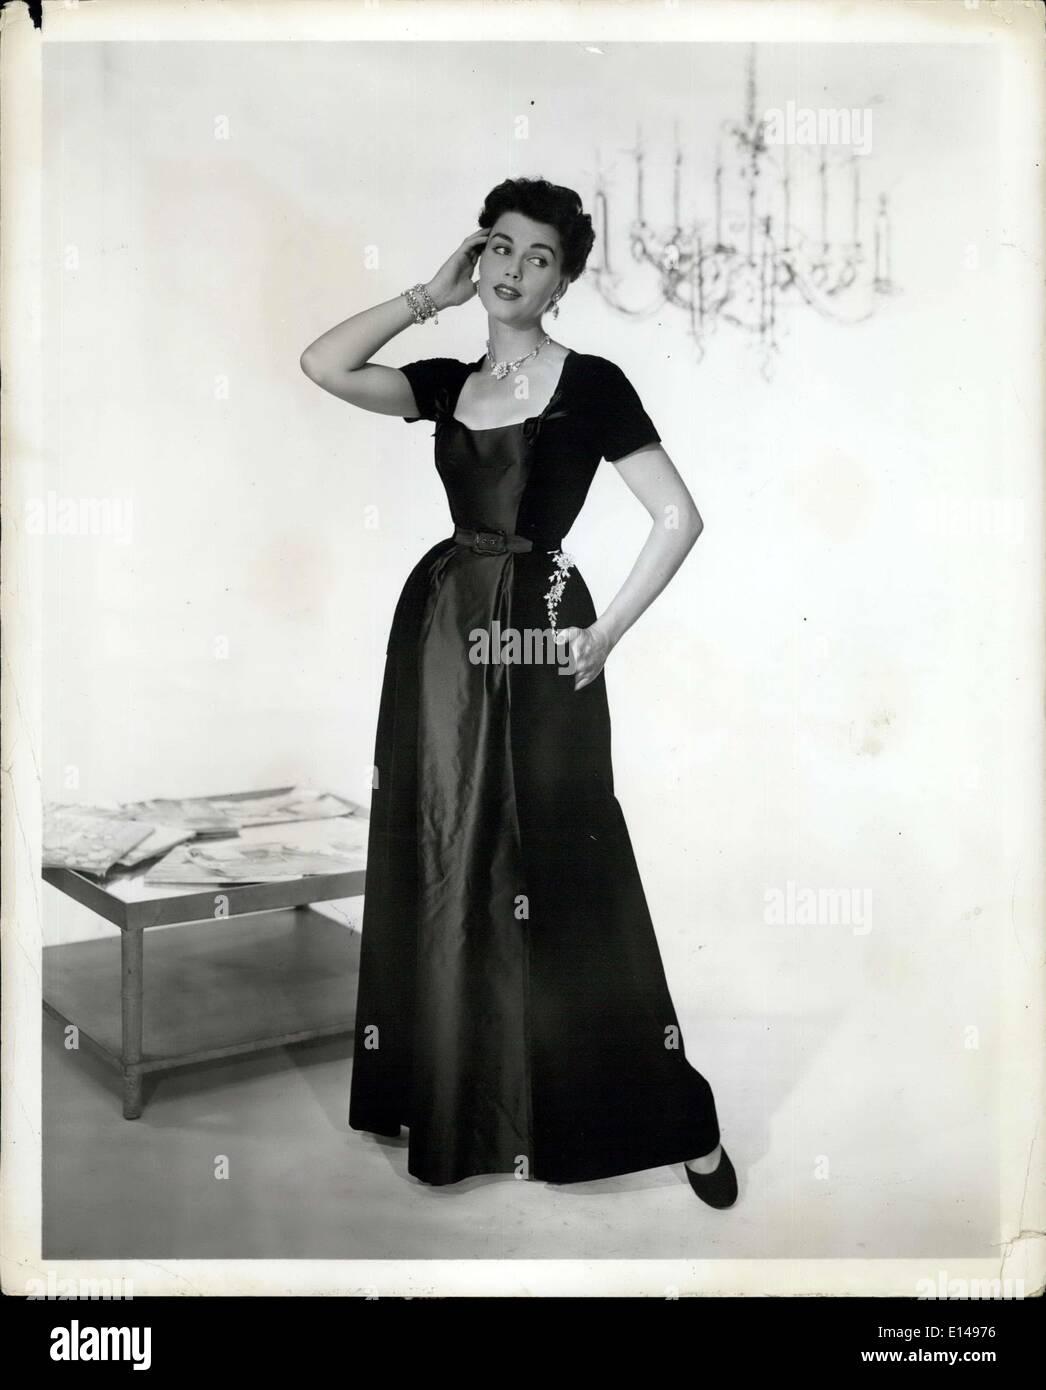 Le 17 avril 2012 - Black -- en pure soie et velours satin pure soie par Christian Dior. Une belle robe d'hôtesse pour un ''let's dress'' le dîner, la robe a un large panneau avant de la hanche souple avec plénitude de chaque côté. Le reste de la robe en velours dispose de petits arcs de chaque côté de la basse, et à collet carré, manches courtes, et d'une jupe évasée avec l'arche aux hanches. Portées au-dessous de la ceinture sur une hanche, une cascade ou délicates fleurs strass. Photo Stock